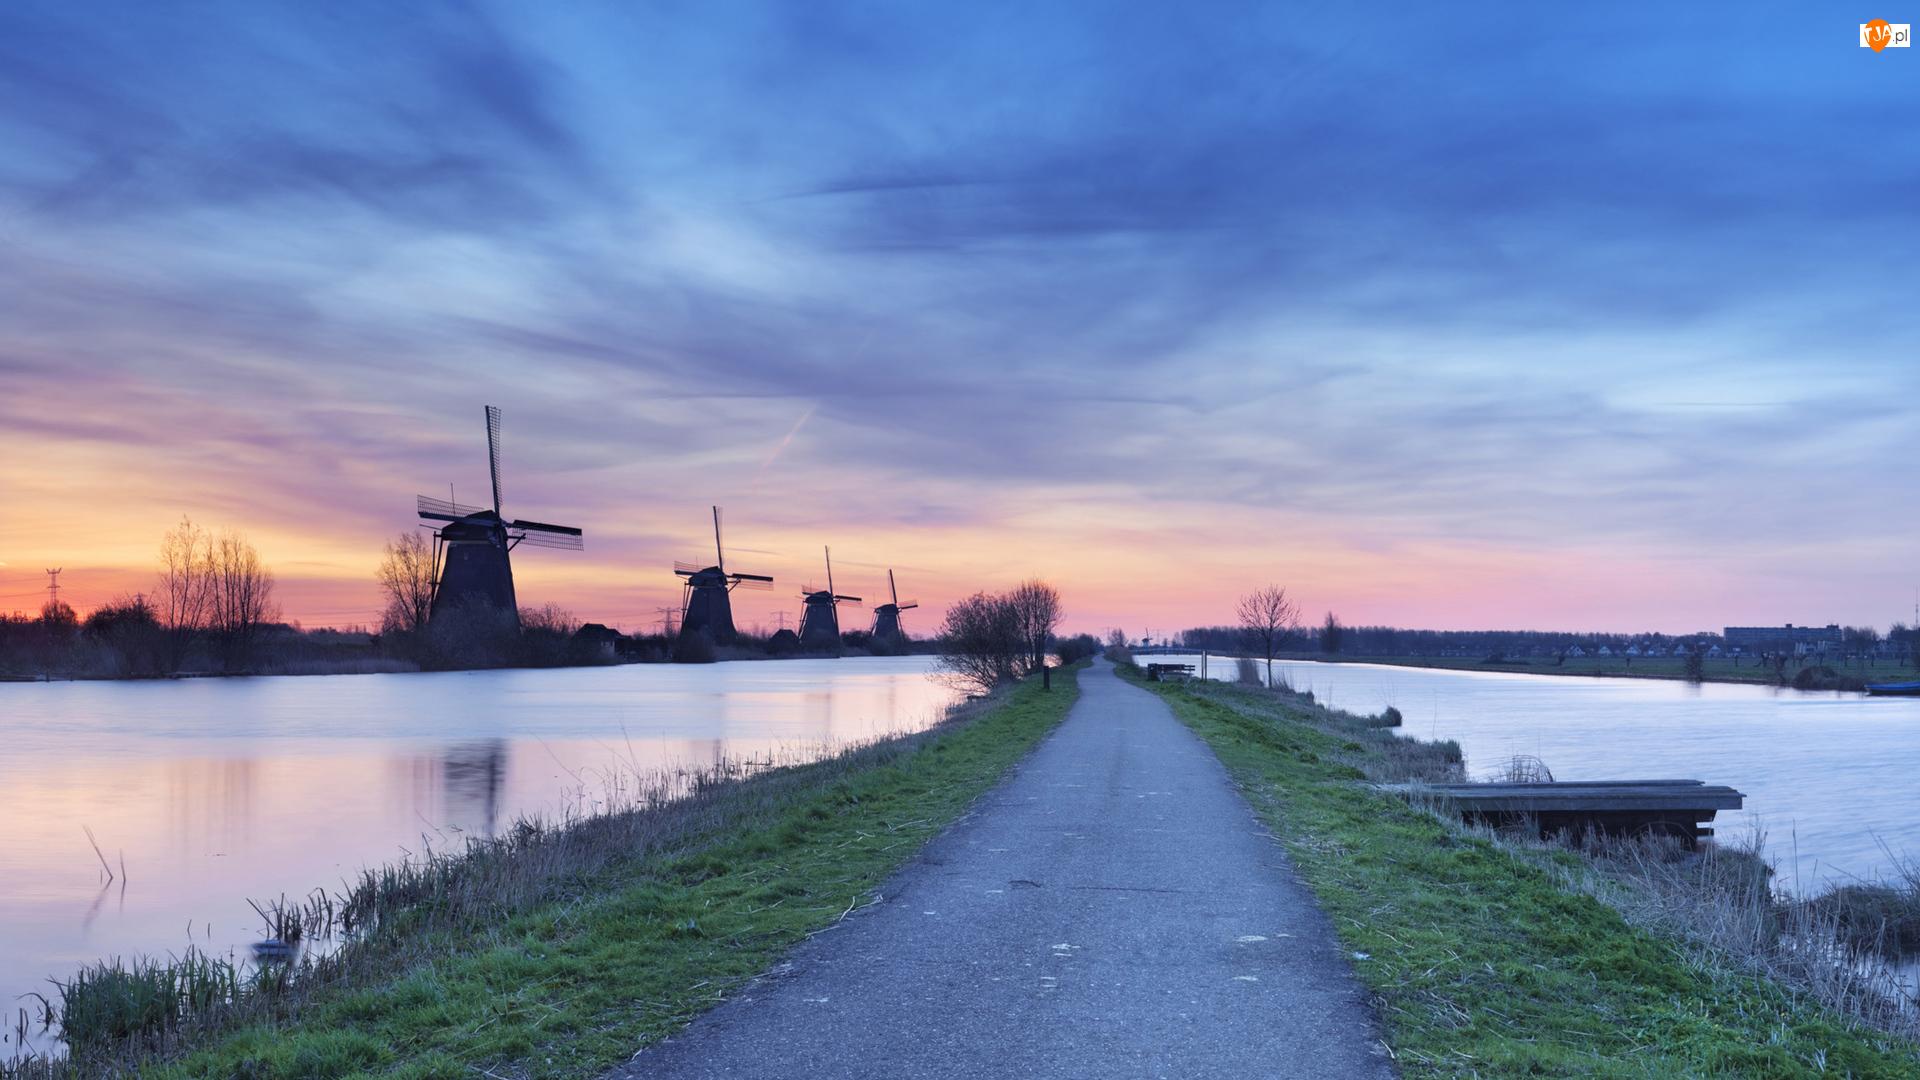 Droga, Wiatraki, Niebo, Wieś Kinderdijk, Rzeka, Drzewa, Holandia, Wschód słońca